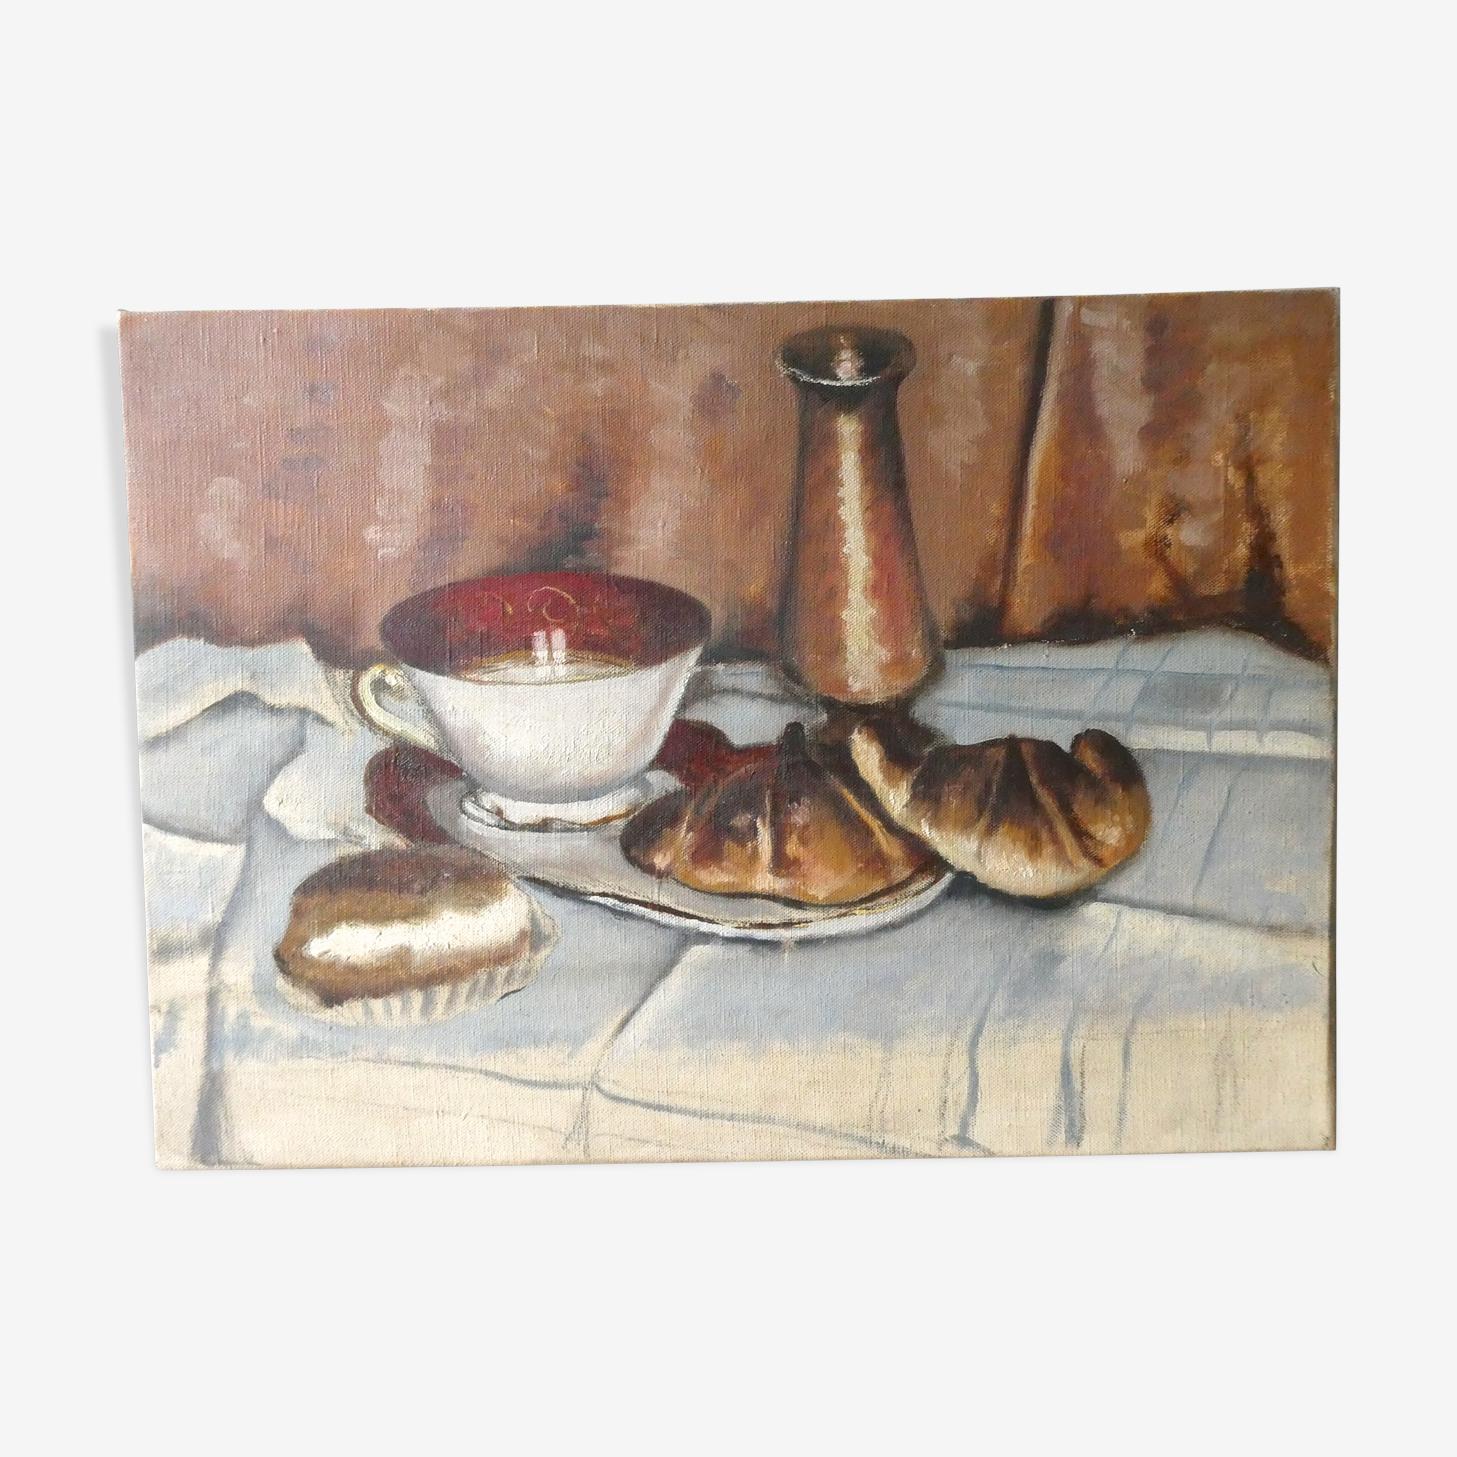 Peinture huile sur toile, nature morte, milieu XXème